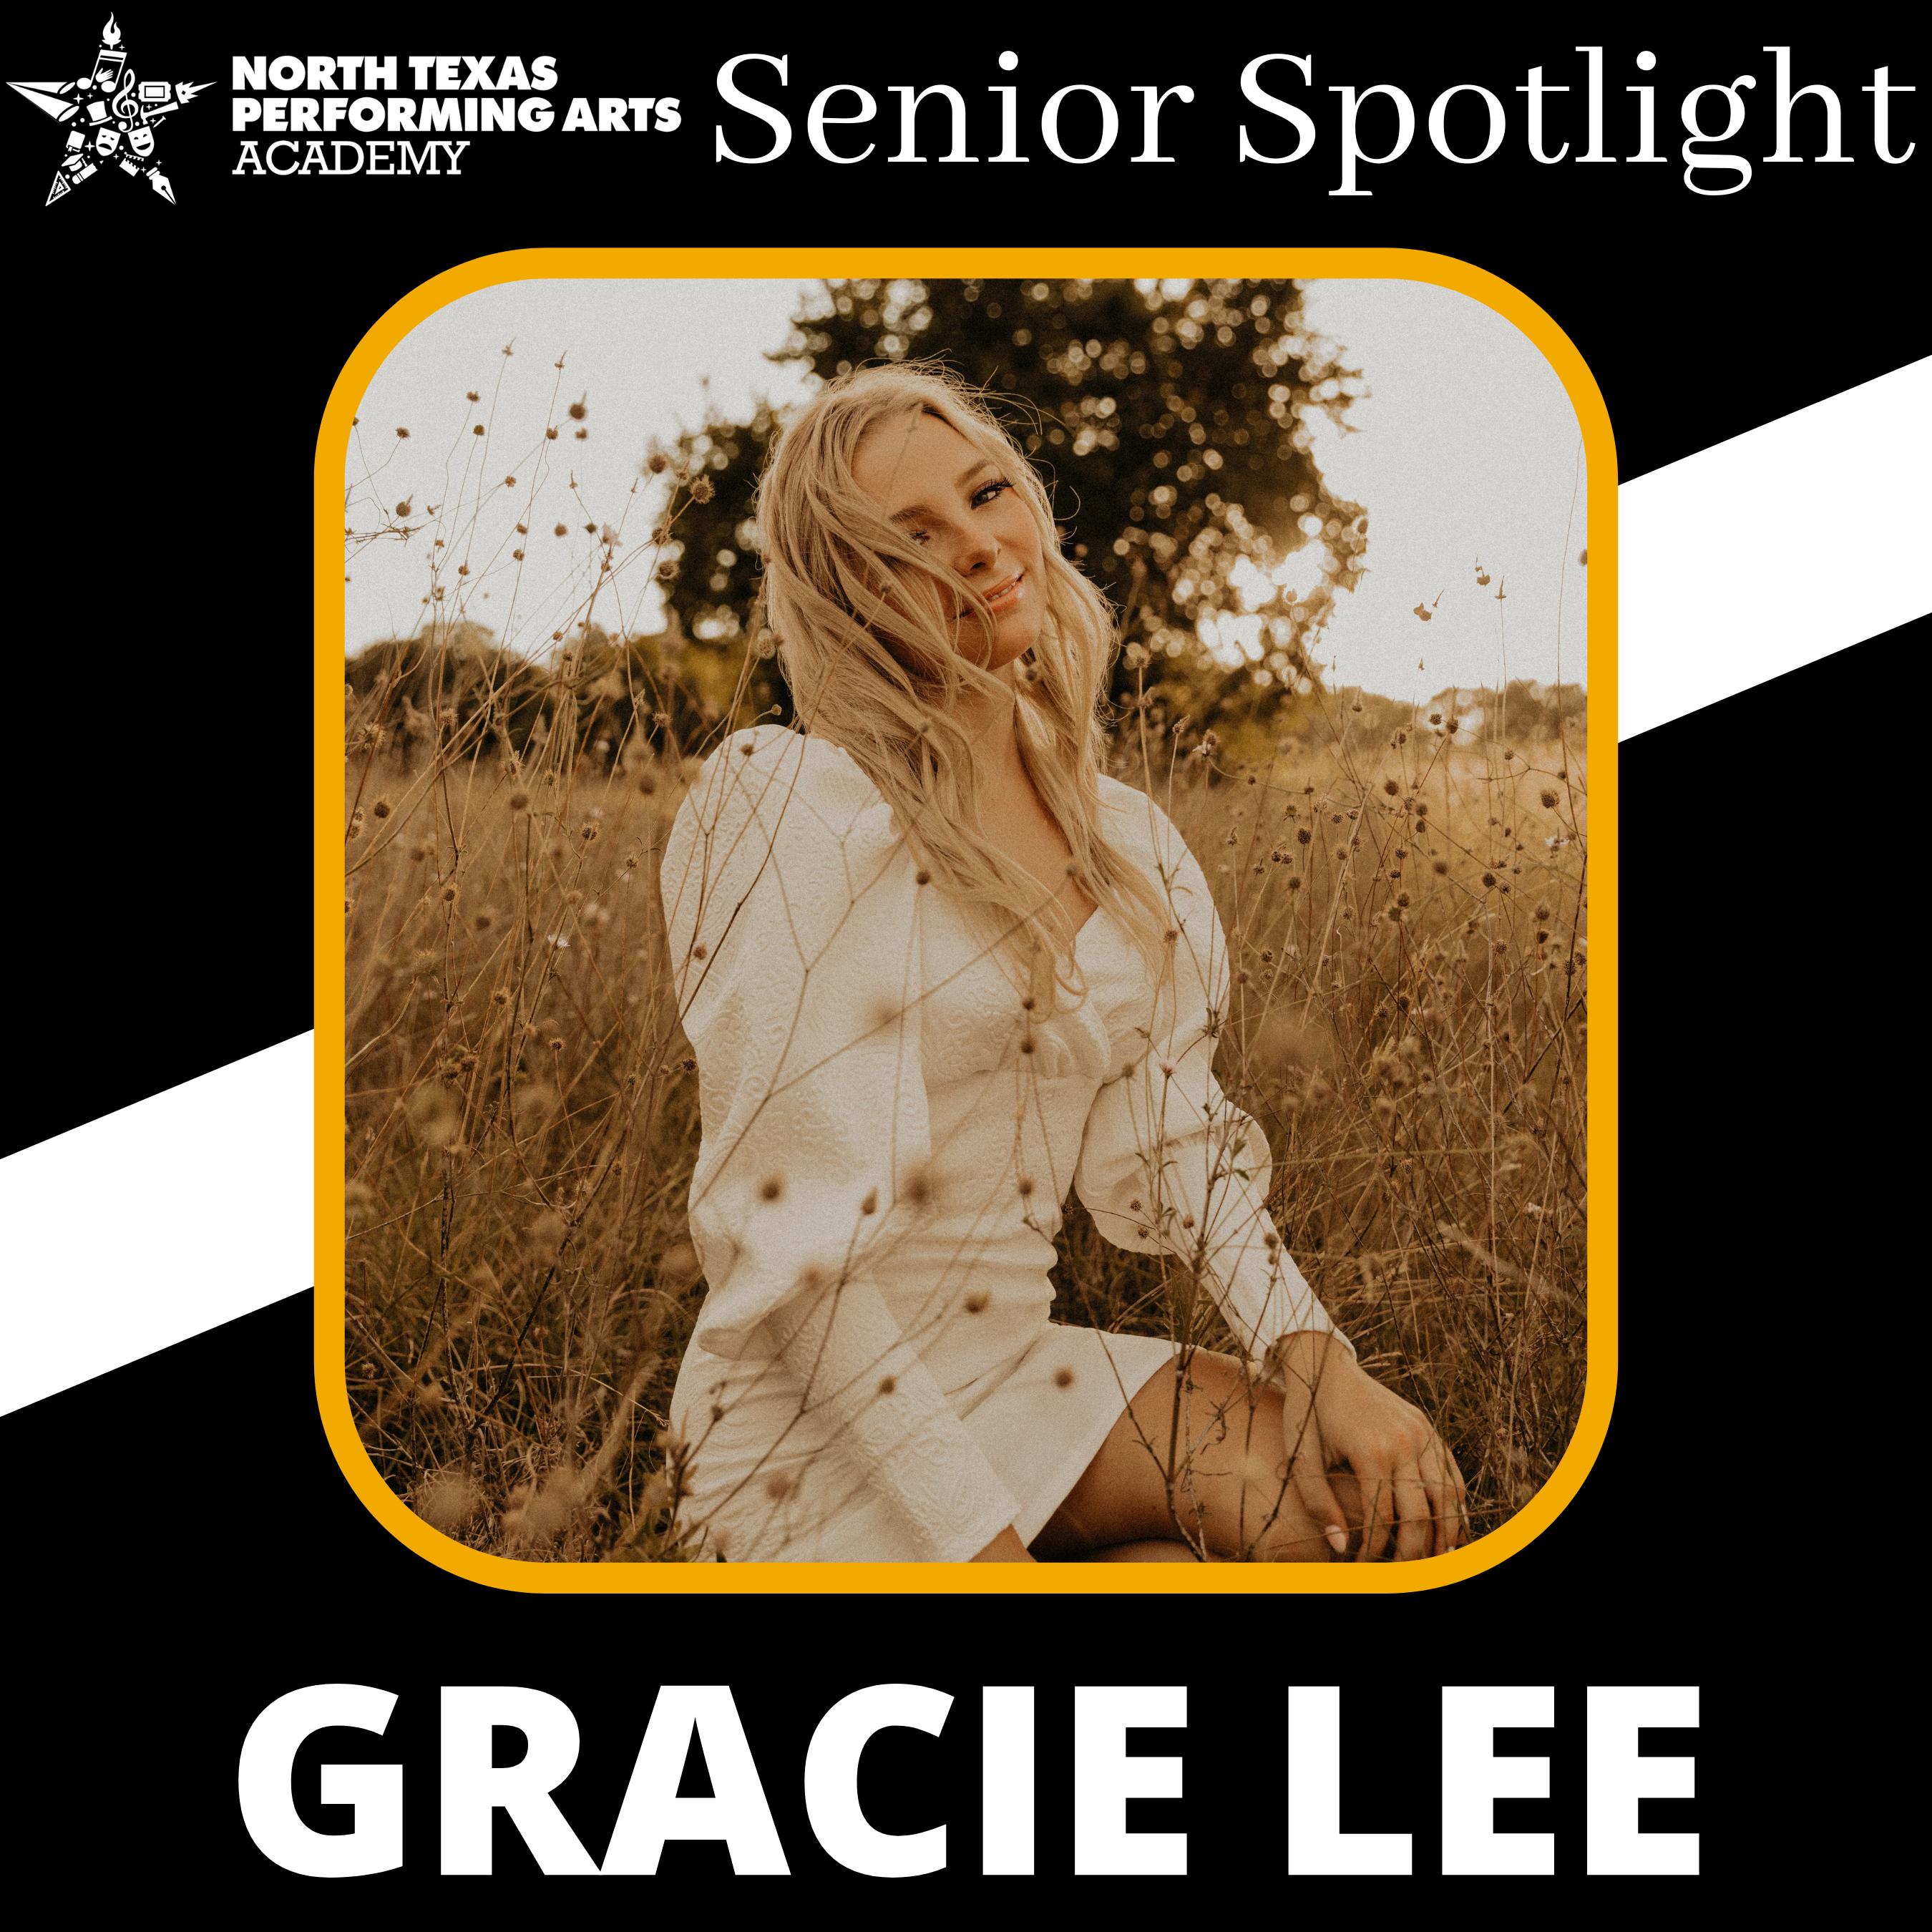 Gracie Lee headshot